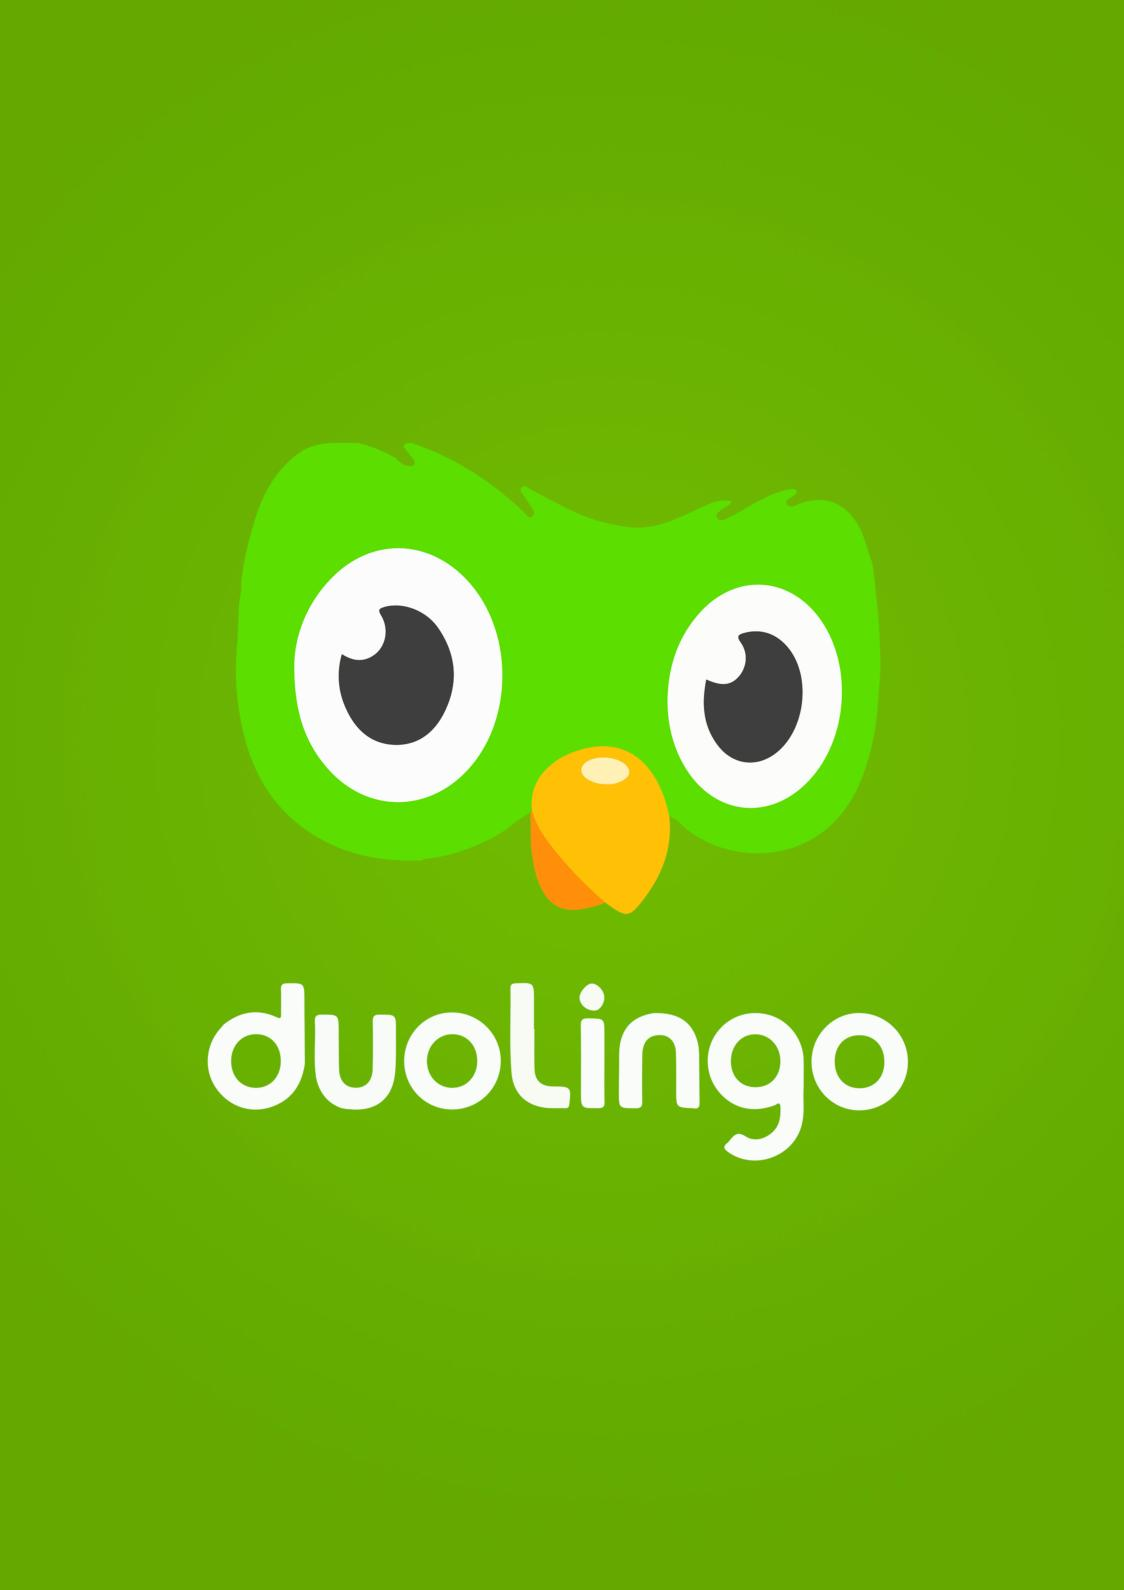 Duolingo Caracterización